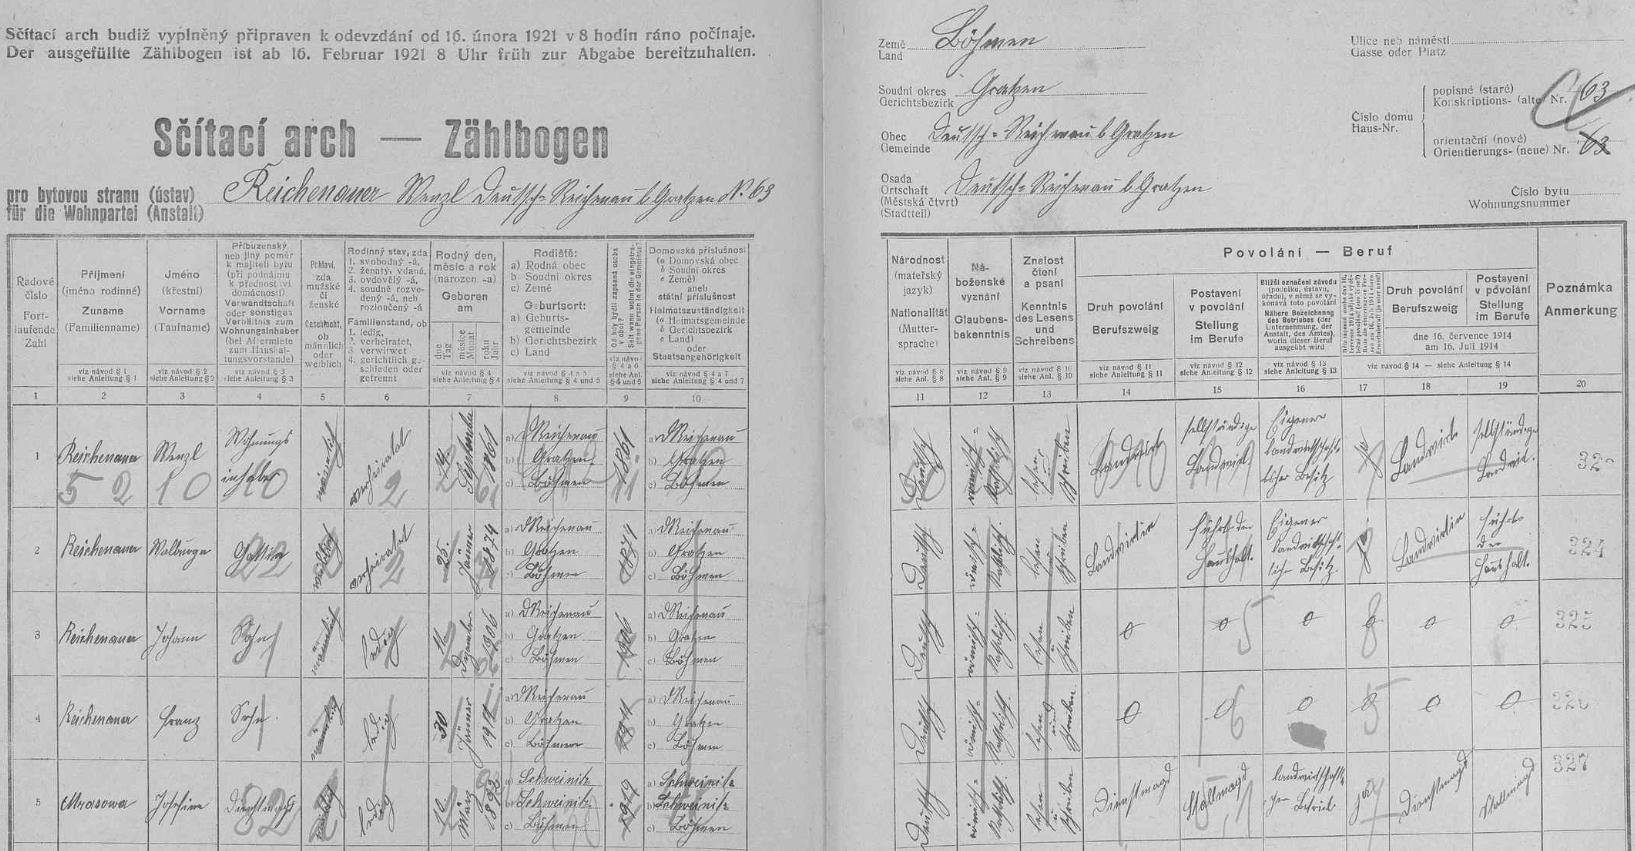 Arch sčítání lidu z roku 1921 pro statek čp. 63 v Rychnově u Nových Hradů, kde bydlili manželé Wenzl (*1861) a Walburga (*1874) se syny Johannem (*1906) a Franzem (*1911), jakož i se služebnou Josefinou Mrázovou (zde příjmení psáno Mrassova) z trhových Svinů (Schweinitz)